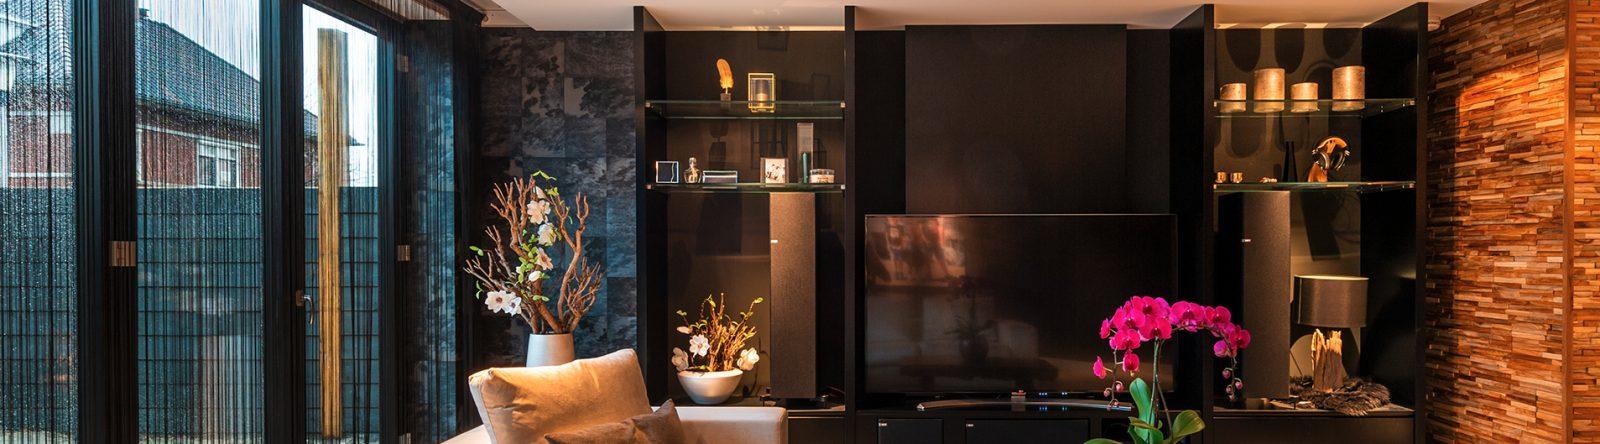 Tv meubel op maat laten maken door interieurbouwer Rhoon